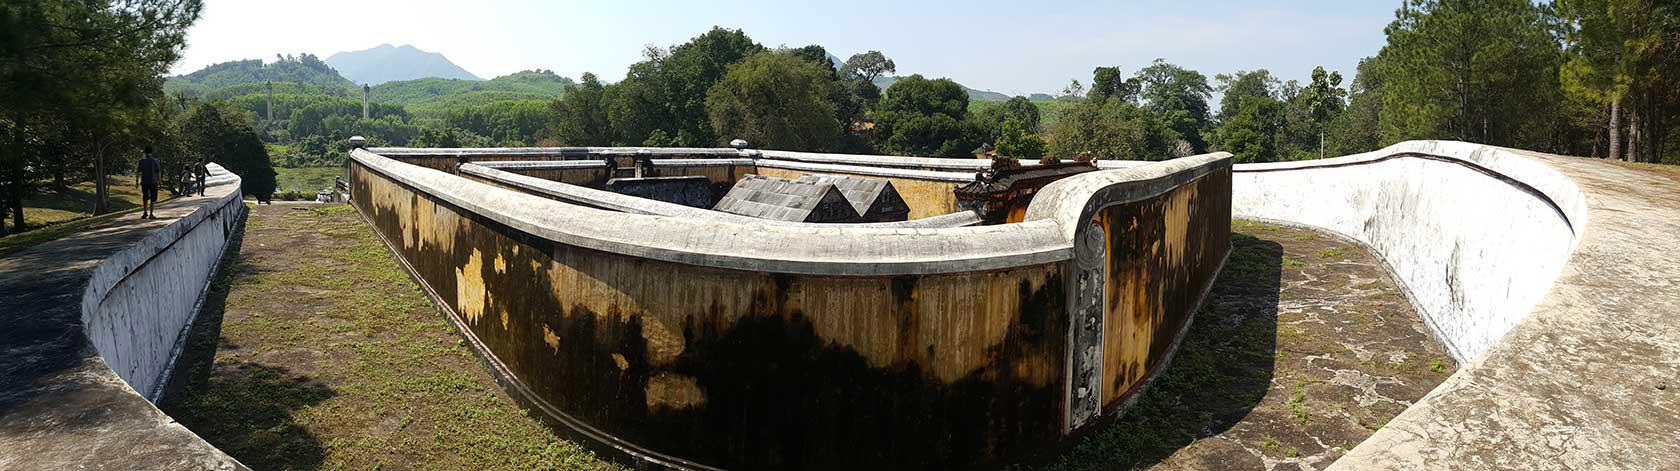 Gia long's tomb, hue